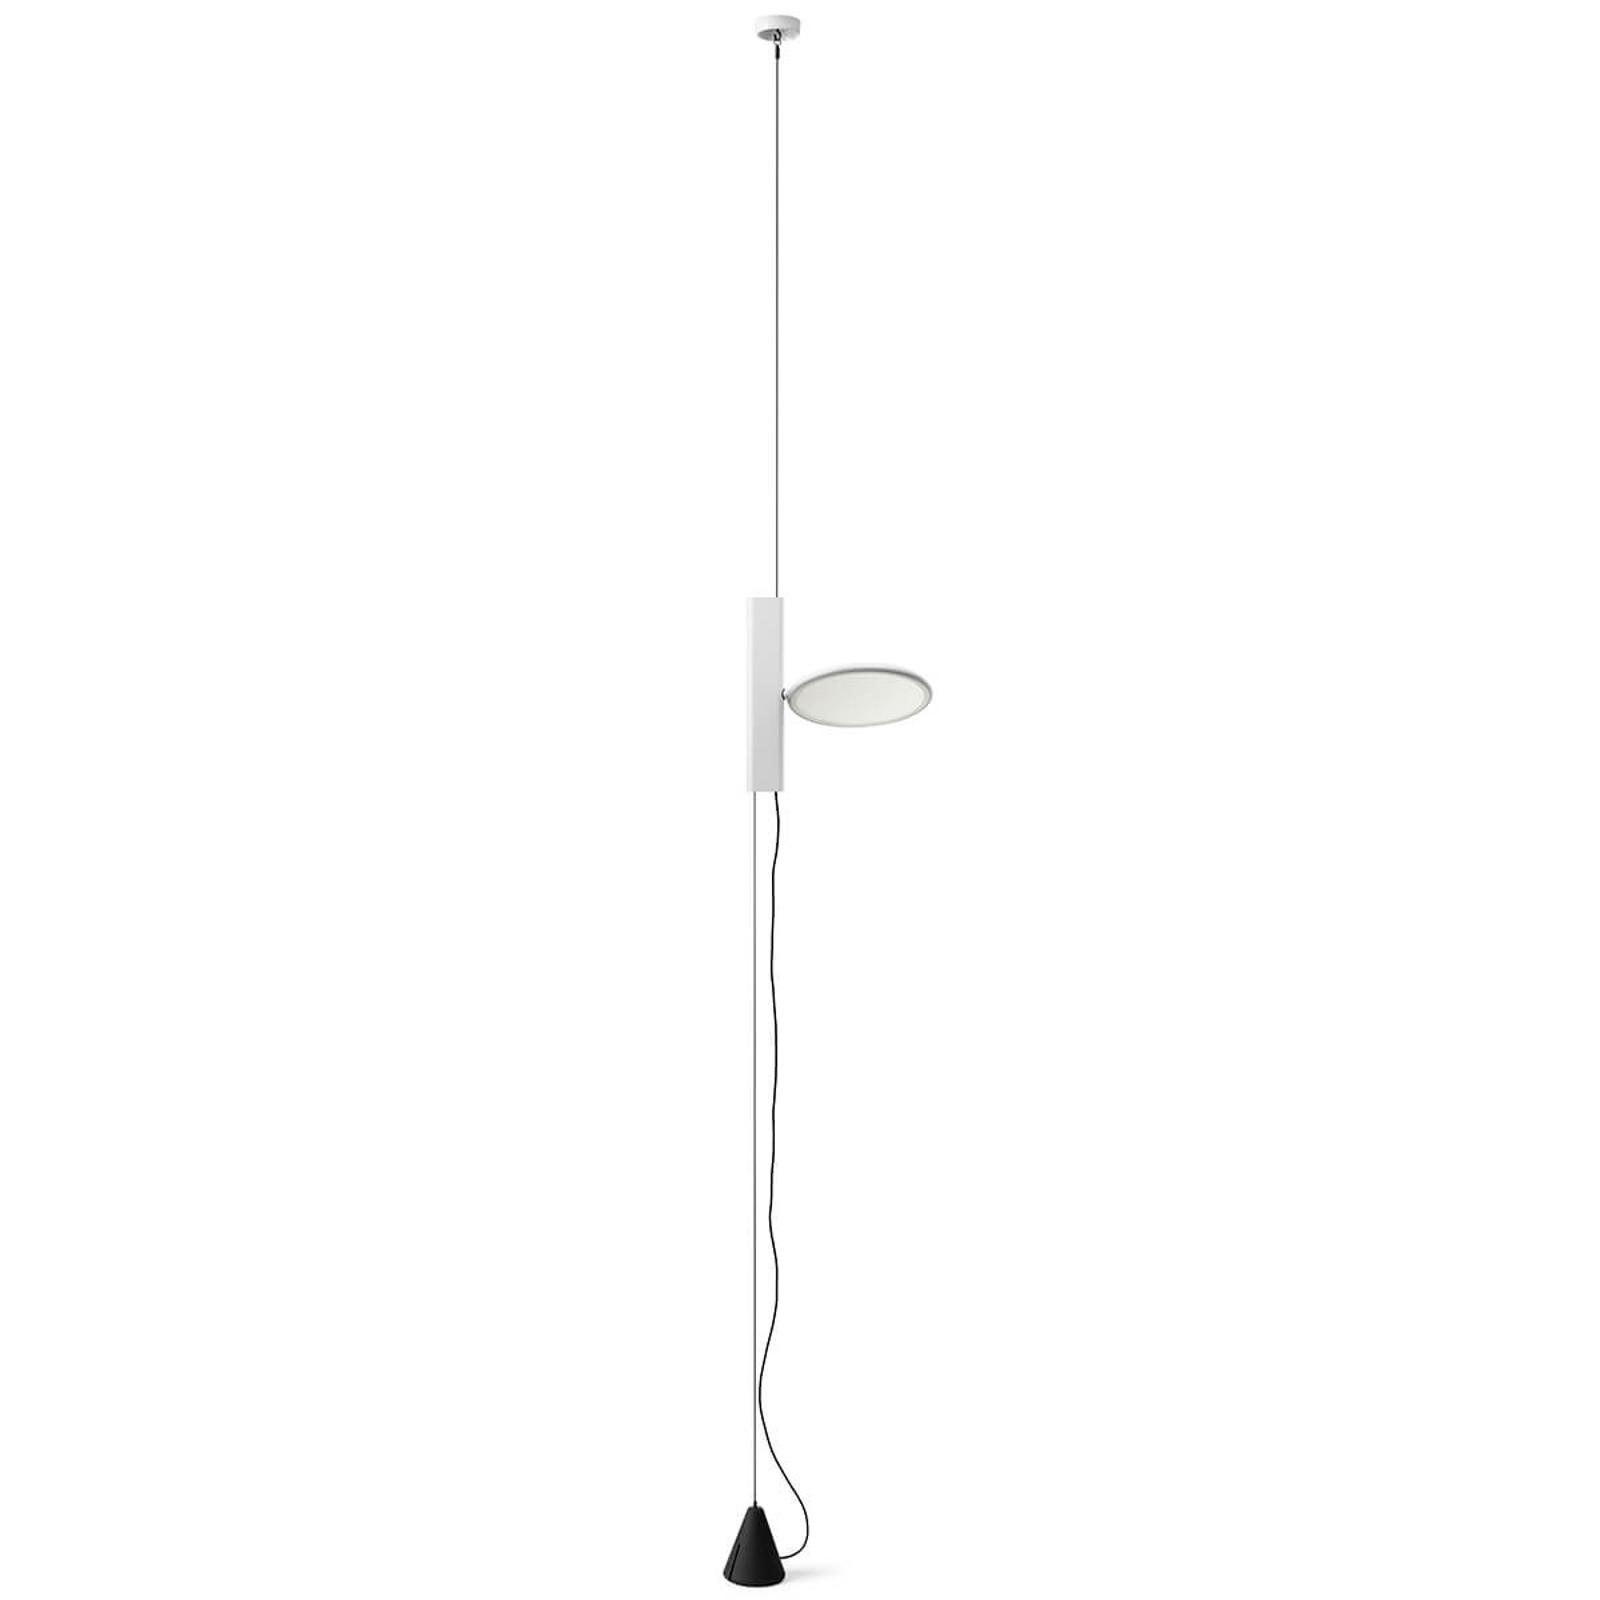 FLOS OK - stehende LED-Hängeleuchte in Weiß